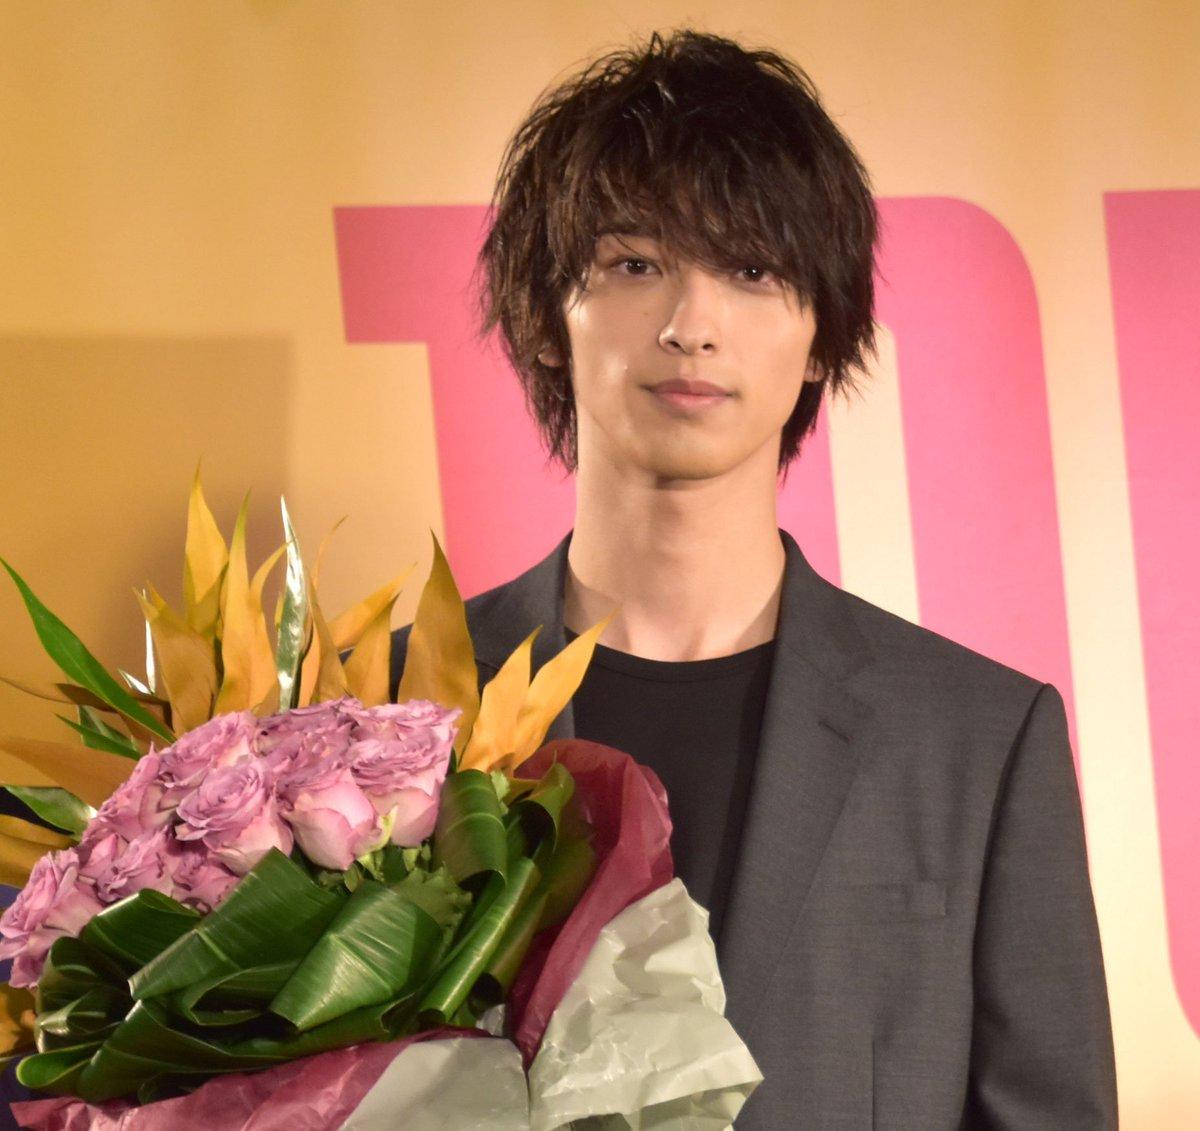 """横浜流星、23歳に🎂🎉「自分らしく、仕事に芝居に向き合っていけたら」💖『はじこい』""""ゆりゆり""""で話題に✨ピンク髪は「『ハゲてもいい』という気持ちで撮影していた」【📸ほか写真あり】#横浜流星 #カレンダー @ryusei_staff_mu"""